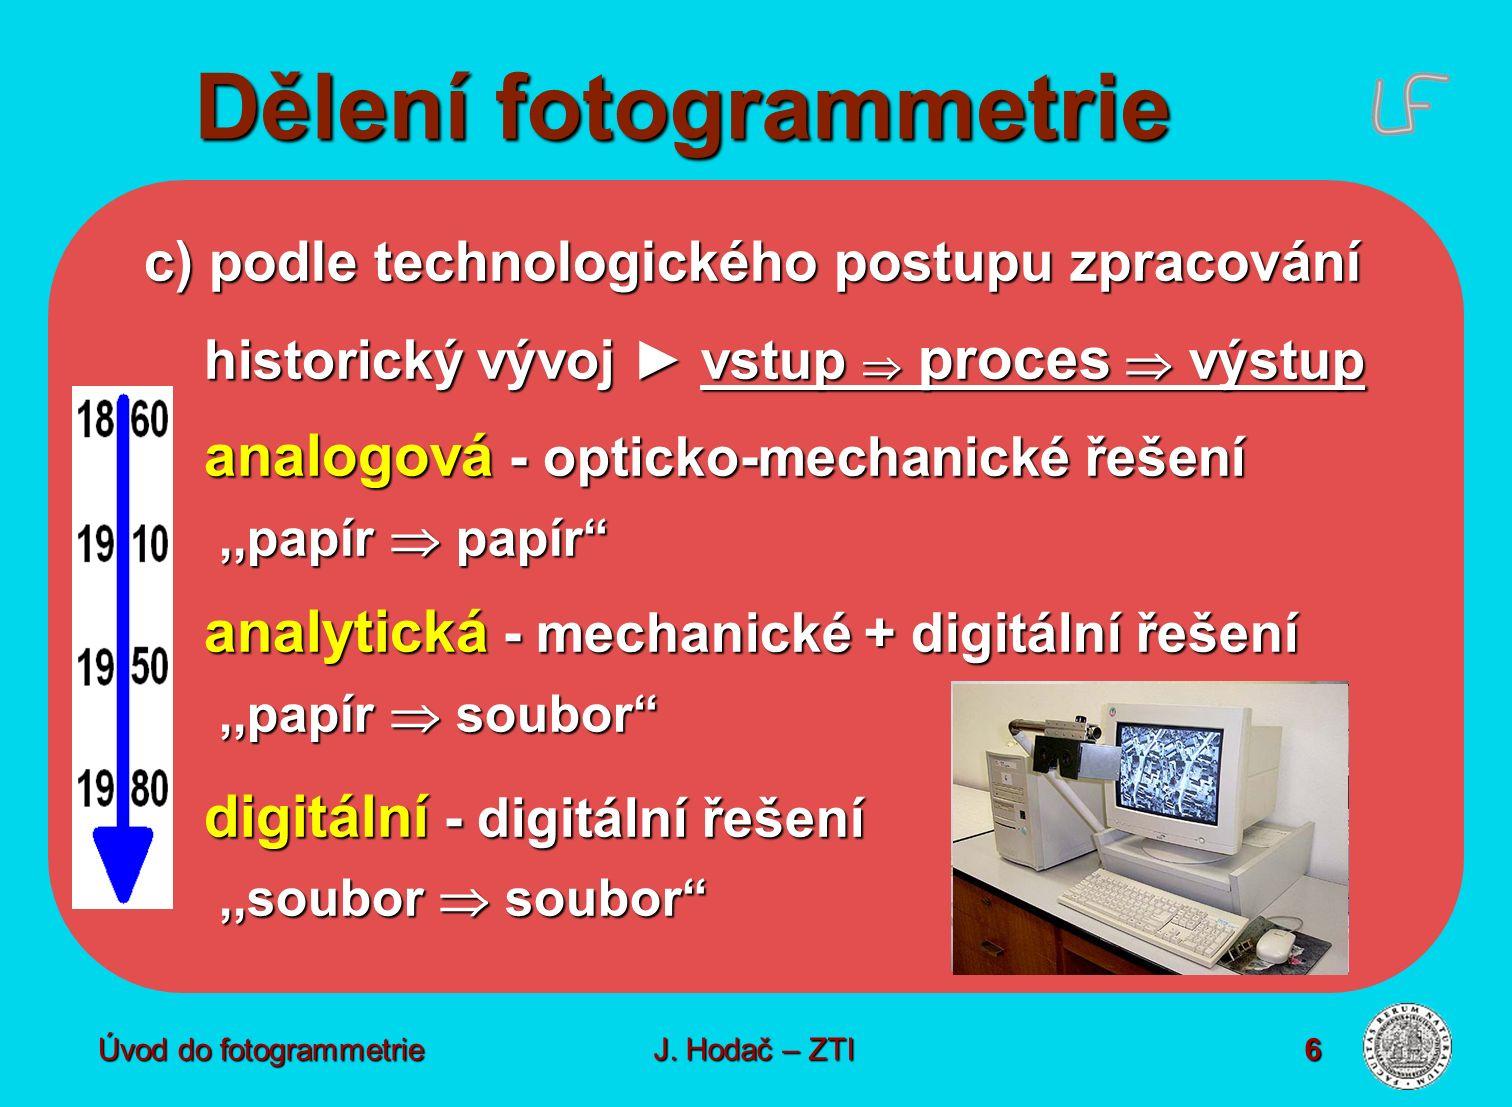 Úvod do fotogrammetrie6 Dělení fotogrammetrie c) podle technologického postupu zpracování historický vývoj ► vstup  proces  výstup analogová - opticko-mechanické řešení,,papír  papír ,,papír  papír analytická - mechanické + digitální řešení,,papír  soubor ,,papír  soubor digitální - digitální řešení,,soubor  soubor ,,soubor  soubor J.